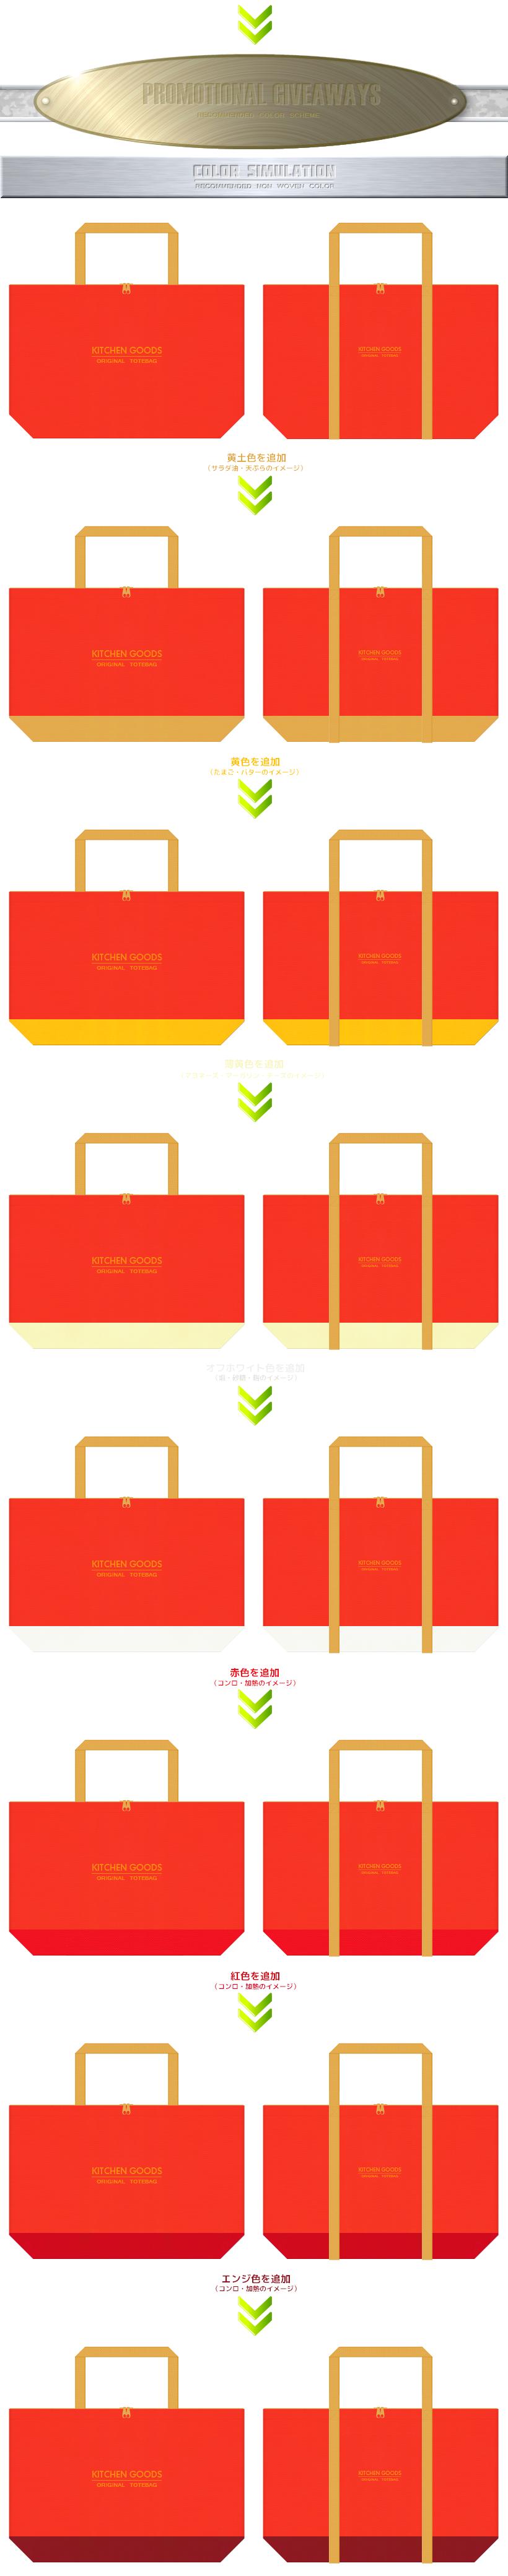 オレンジ色メインのファスナー付き不織布バッグのデザイン:お料理教室・レシピ・キッチン用品の販促ノベルティ・ランチバッグ